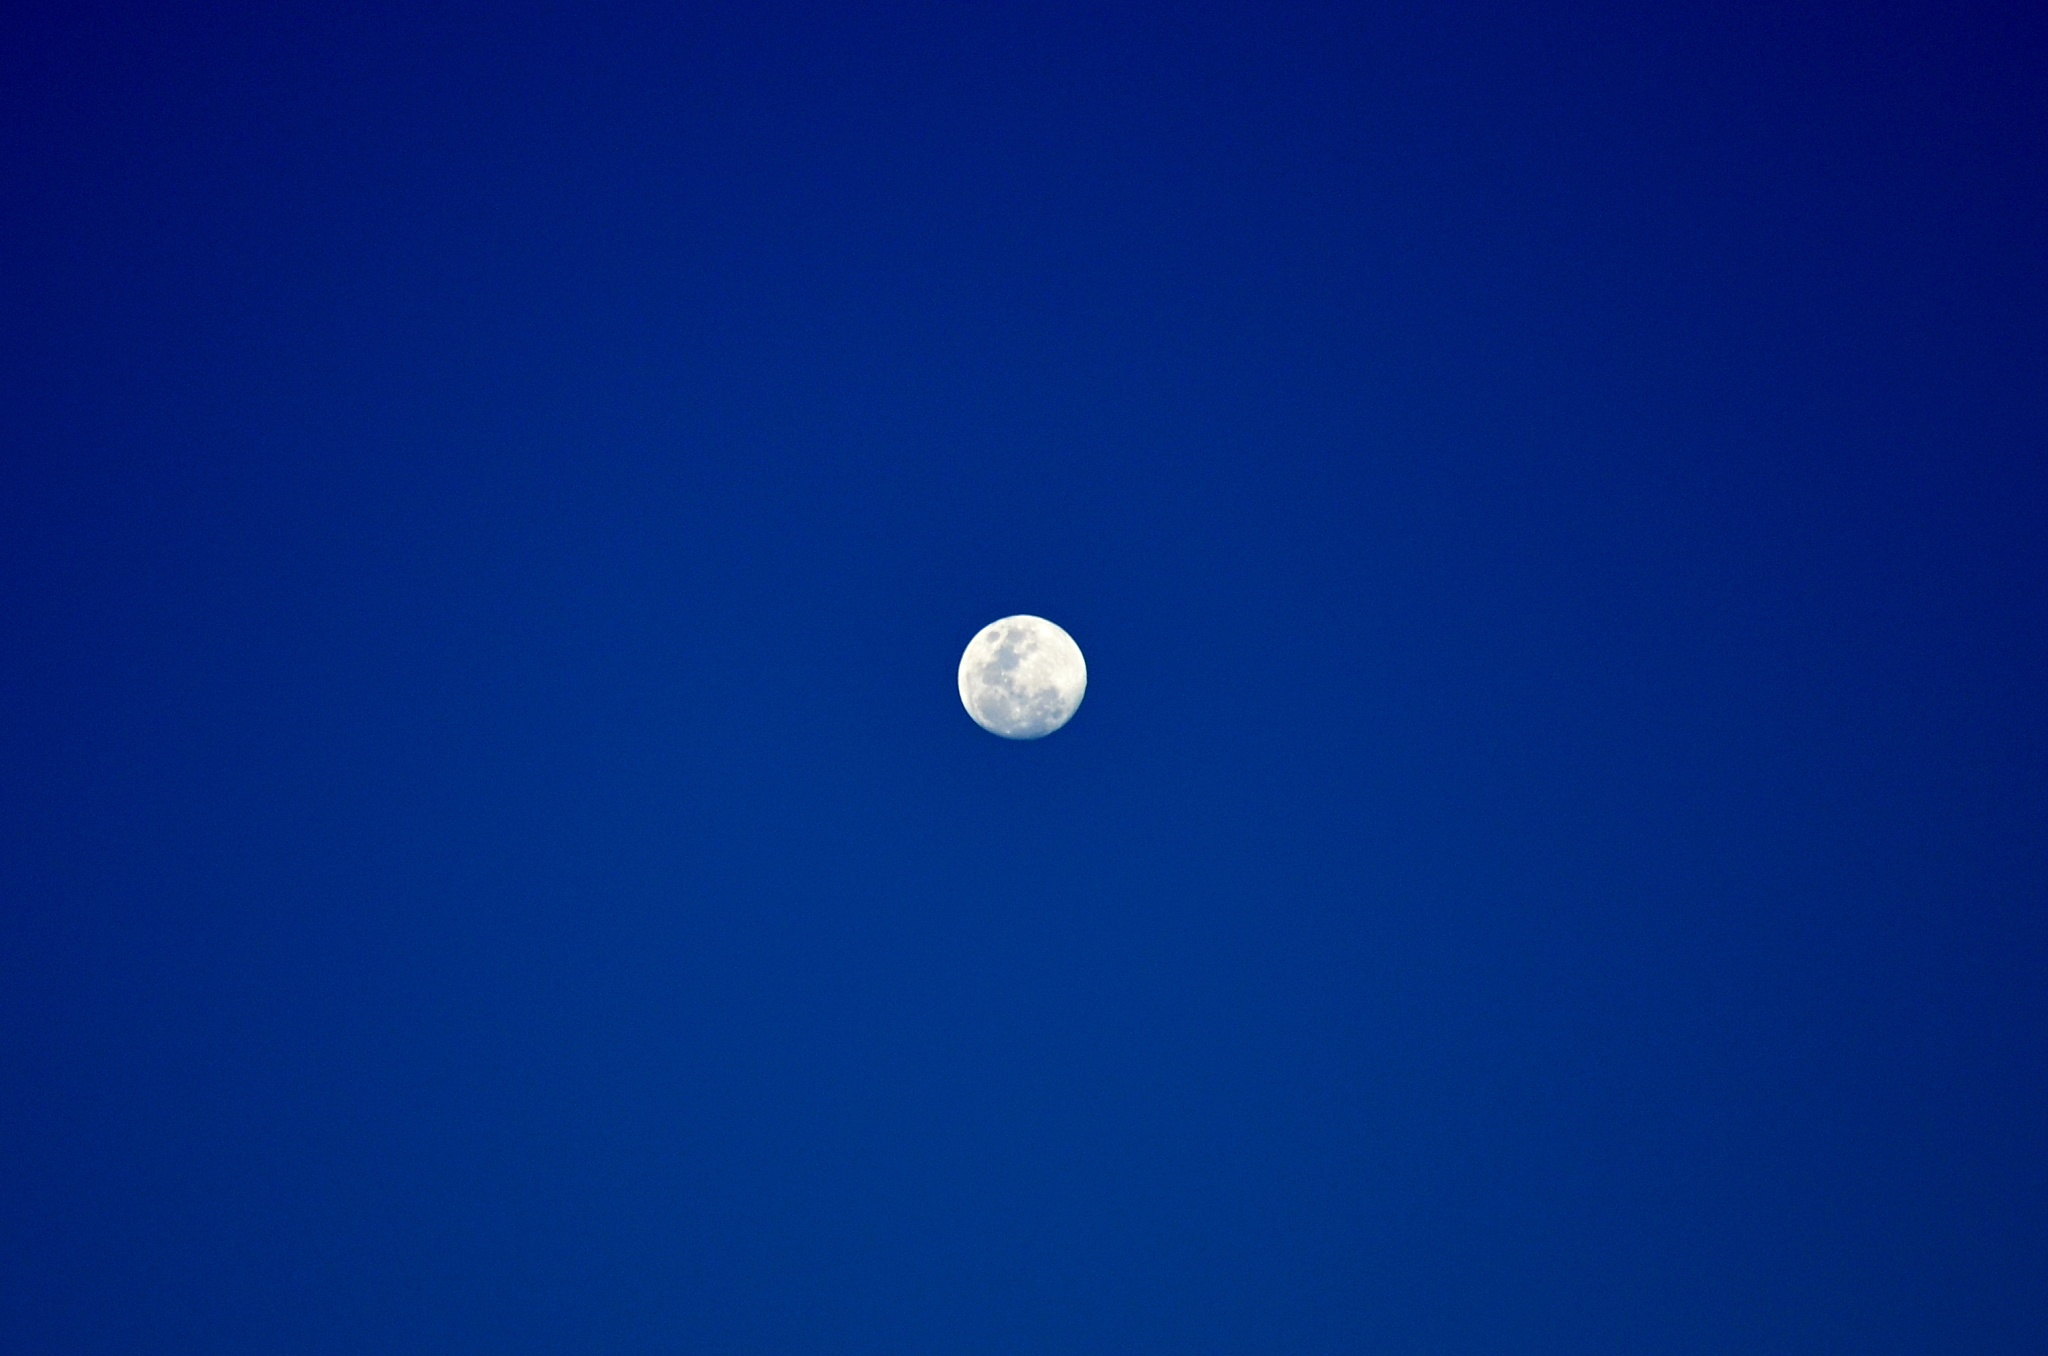 Měsíc je skoro v úplňku